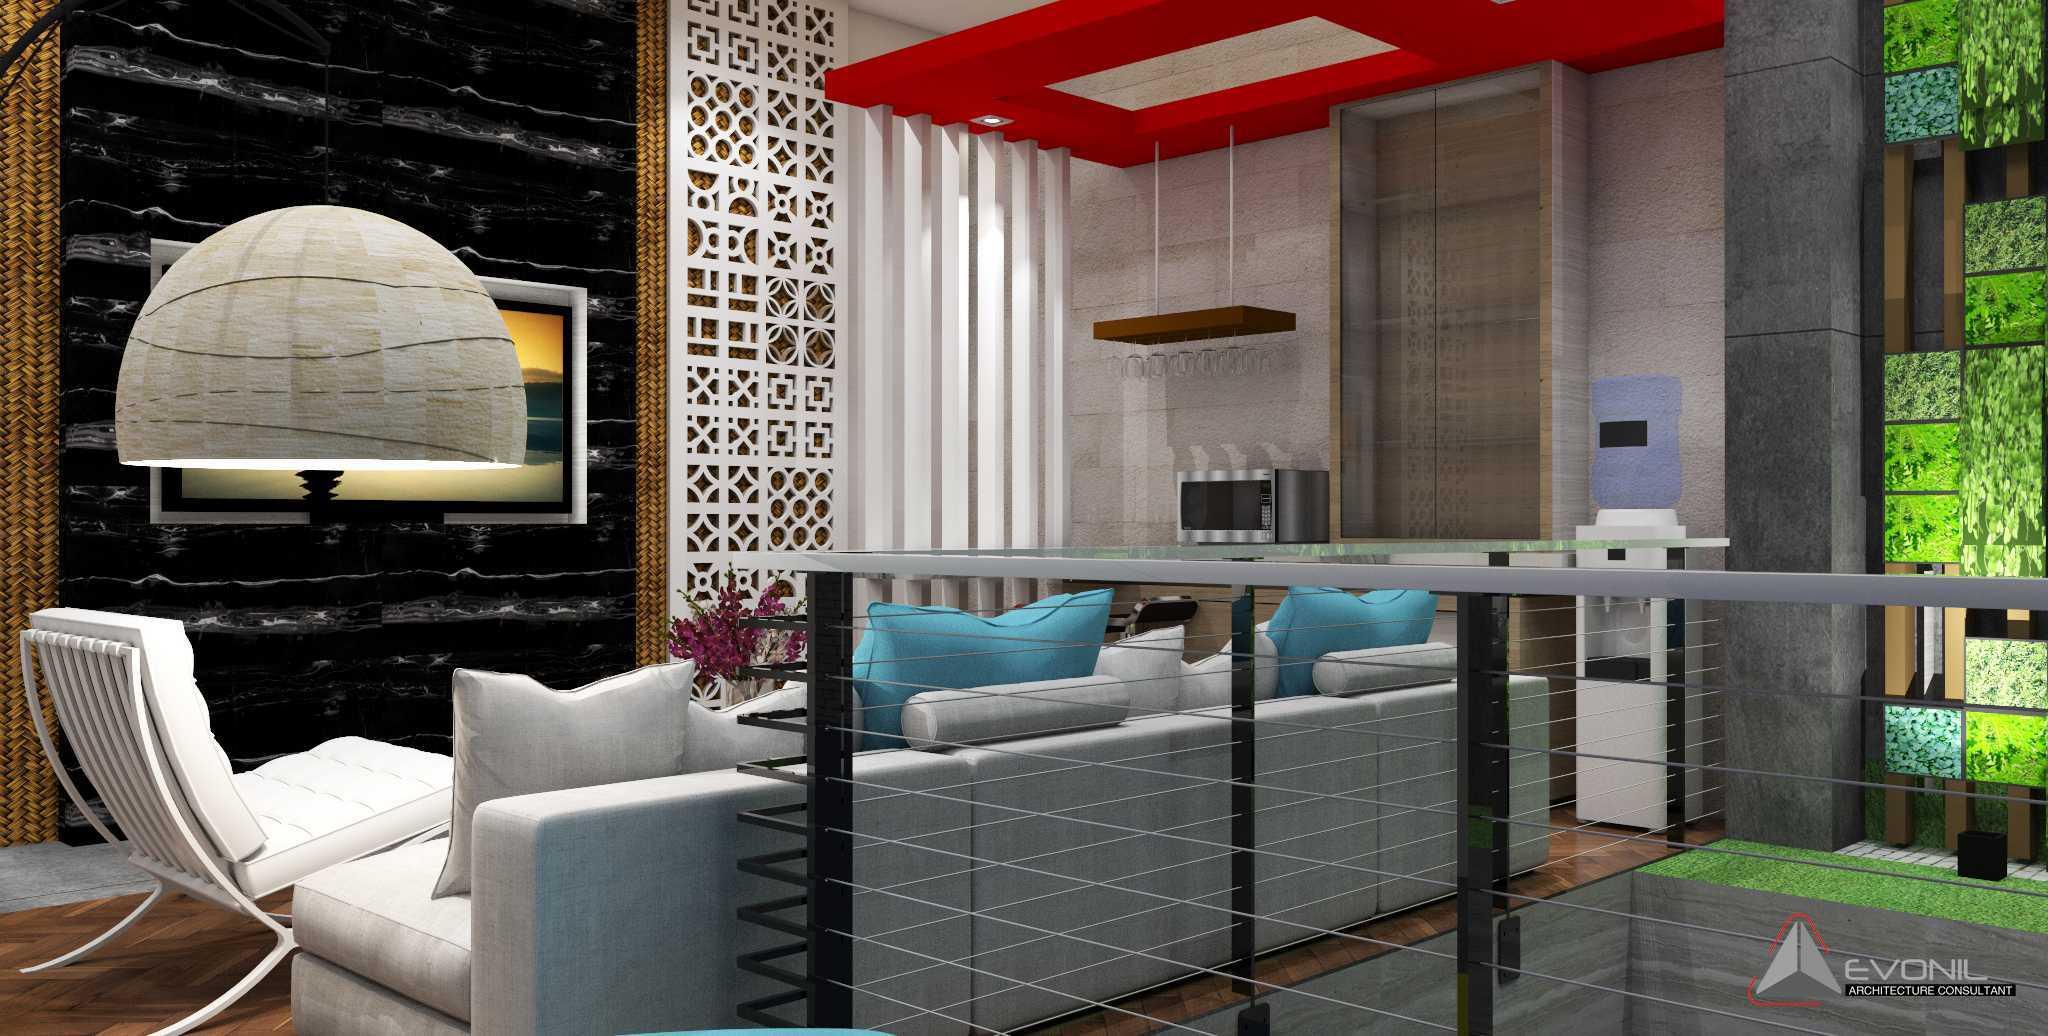 Evonil Architecture Residence Jatiwaringin Jatiwaringin, Jakarta Jatiwaringin, Jakarta Living-Room-Lantai-2-Rev Tradisional  13068